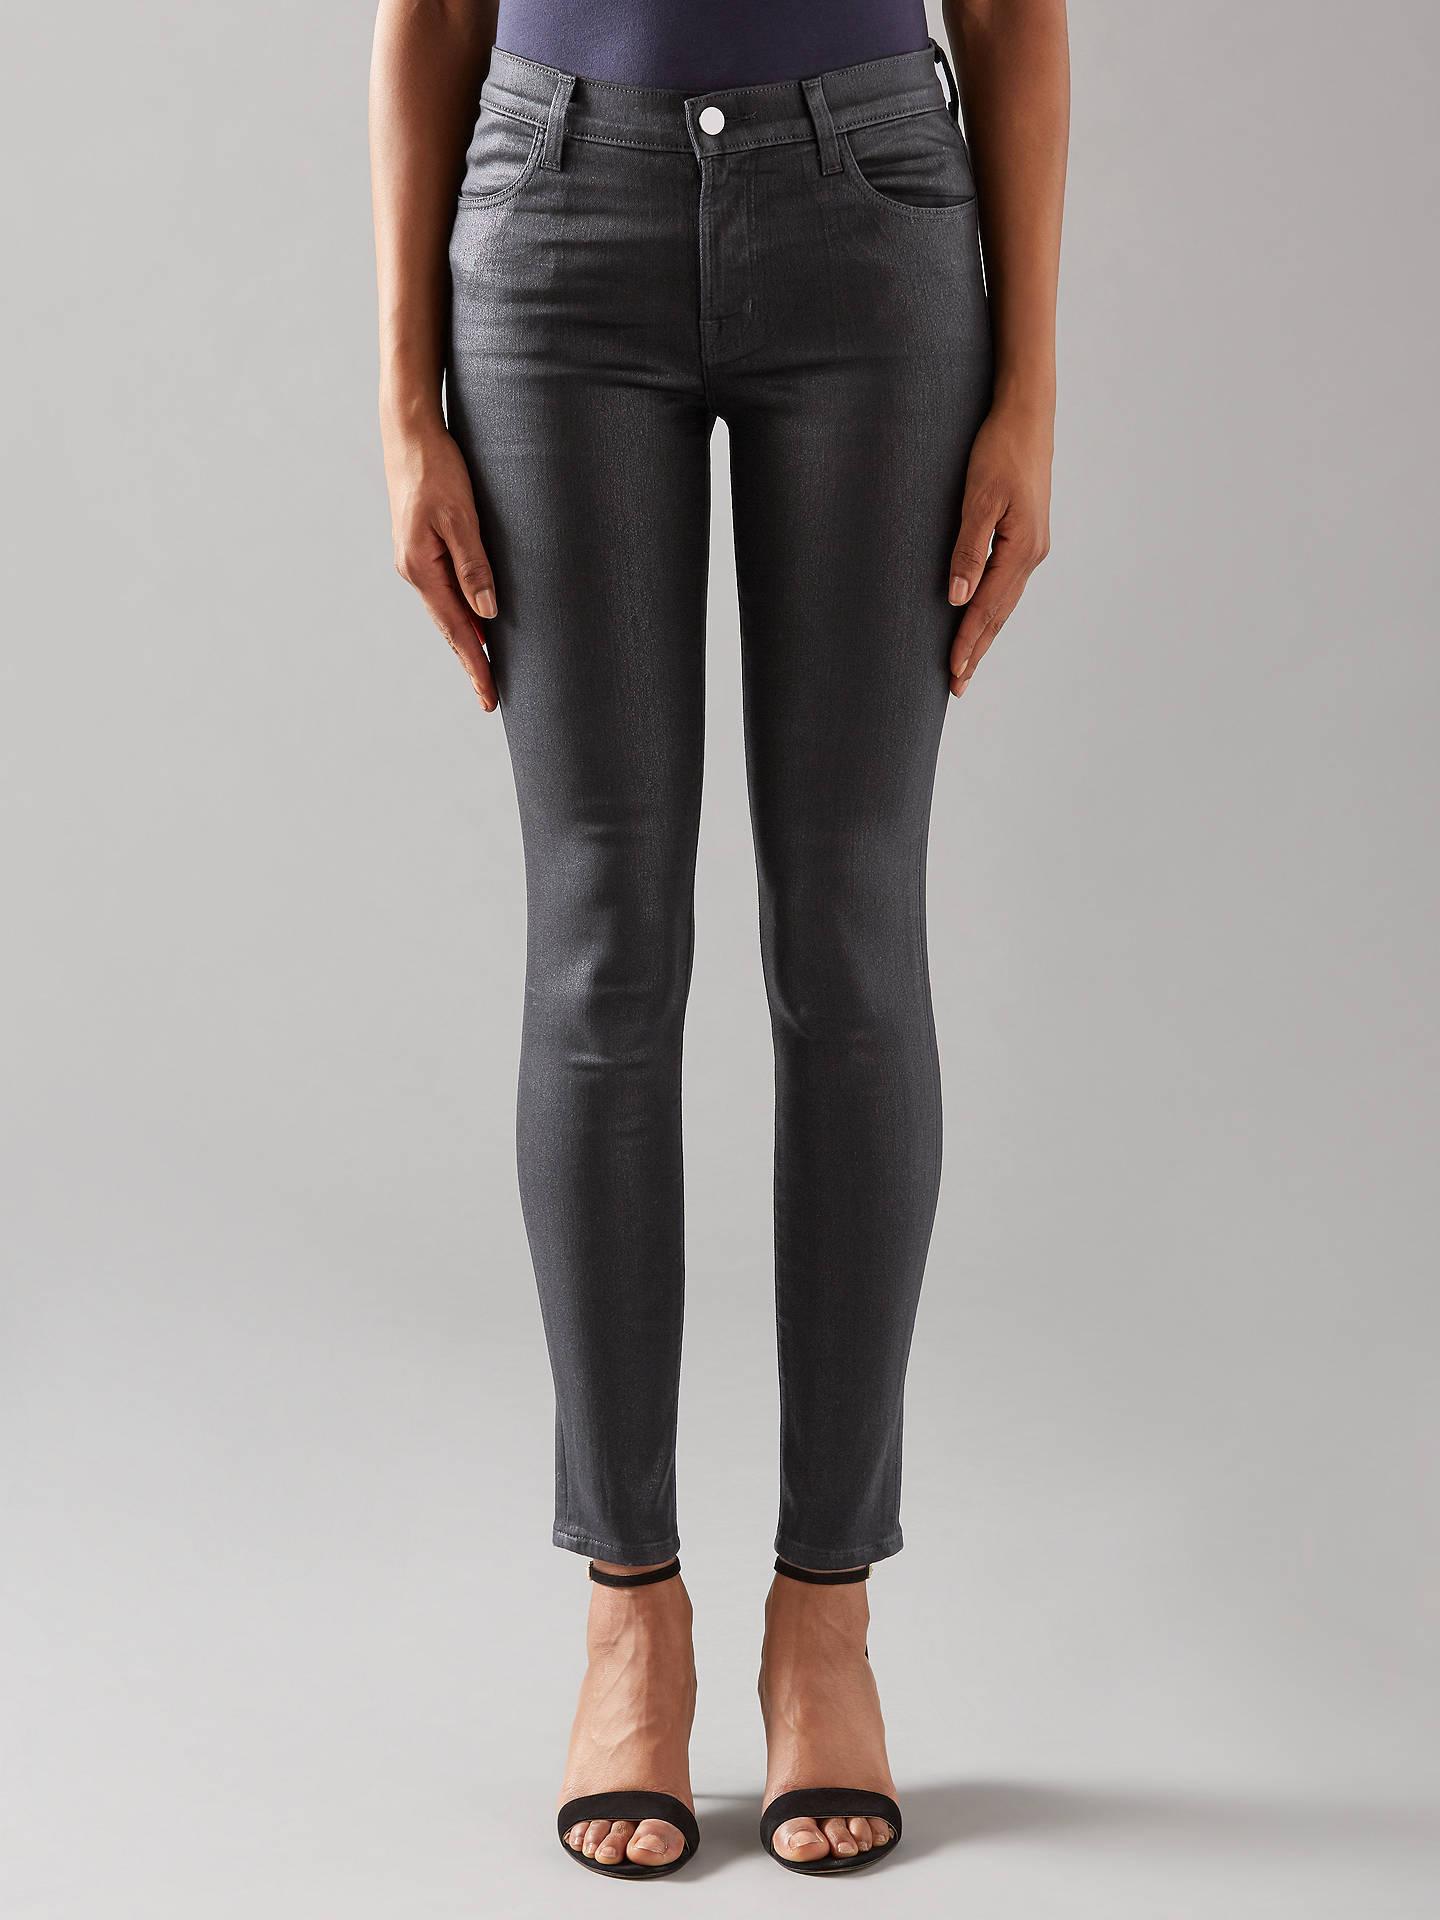 5608cd72e990 Buy J Brand 620 Mid Rise Super Skinny Jeans